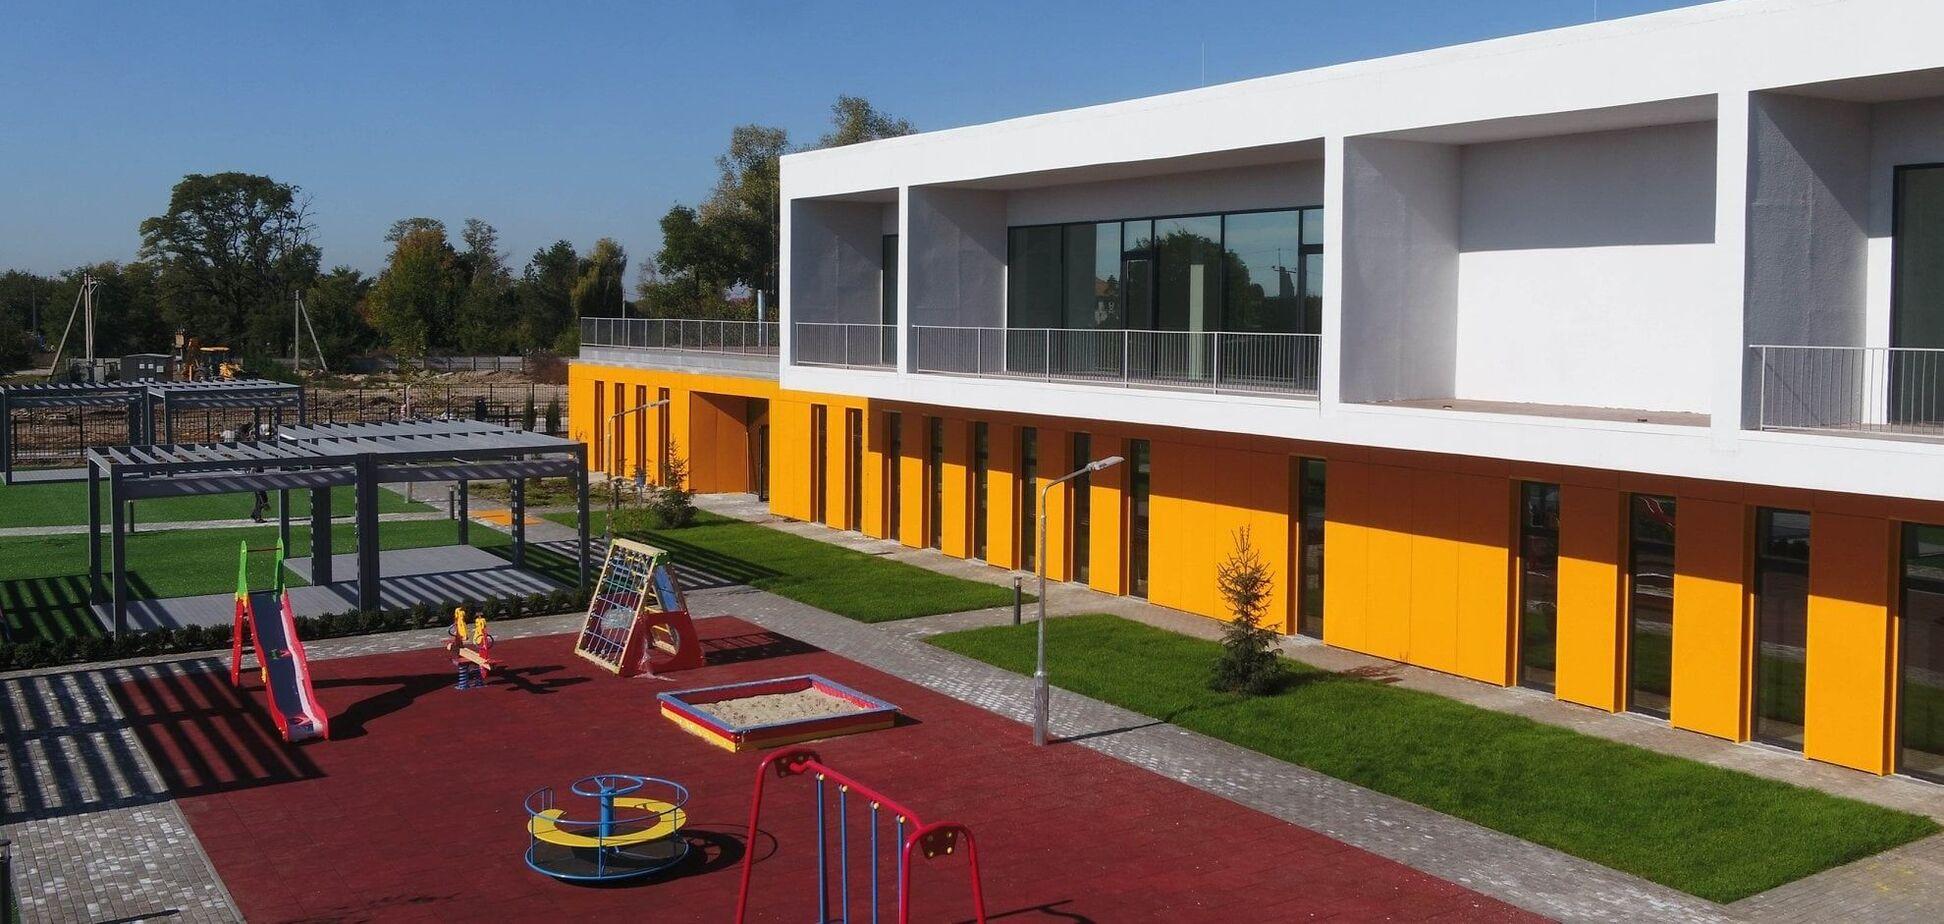 Два детских сада, построенных командой бывшего главы ОГА Валентина Резниченко, до сих пор остаются лучшими в стране